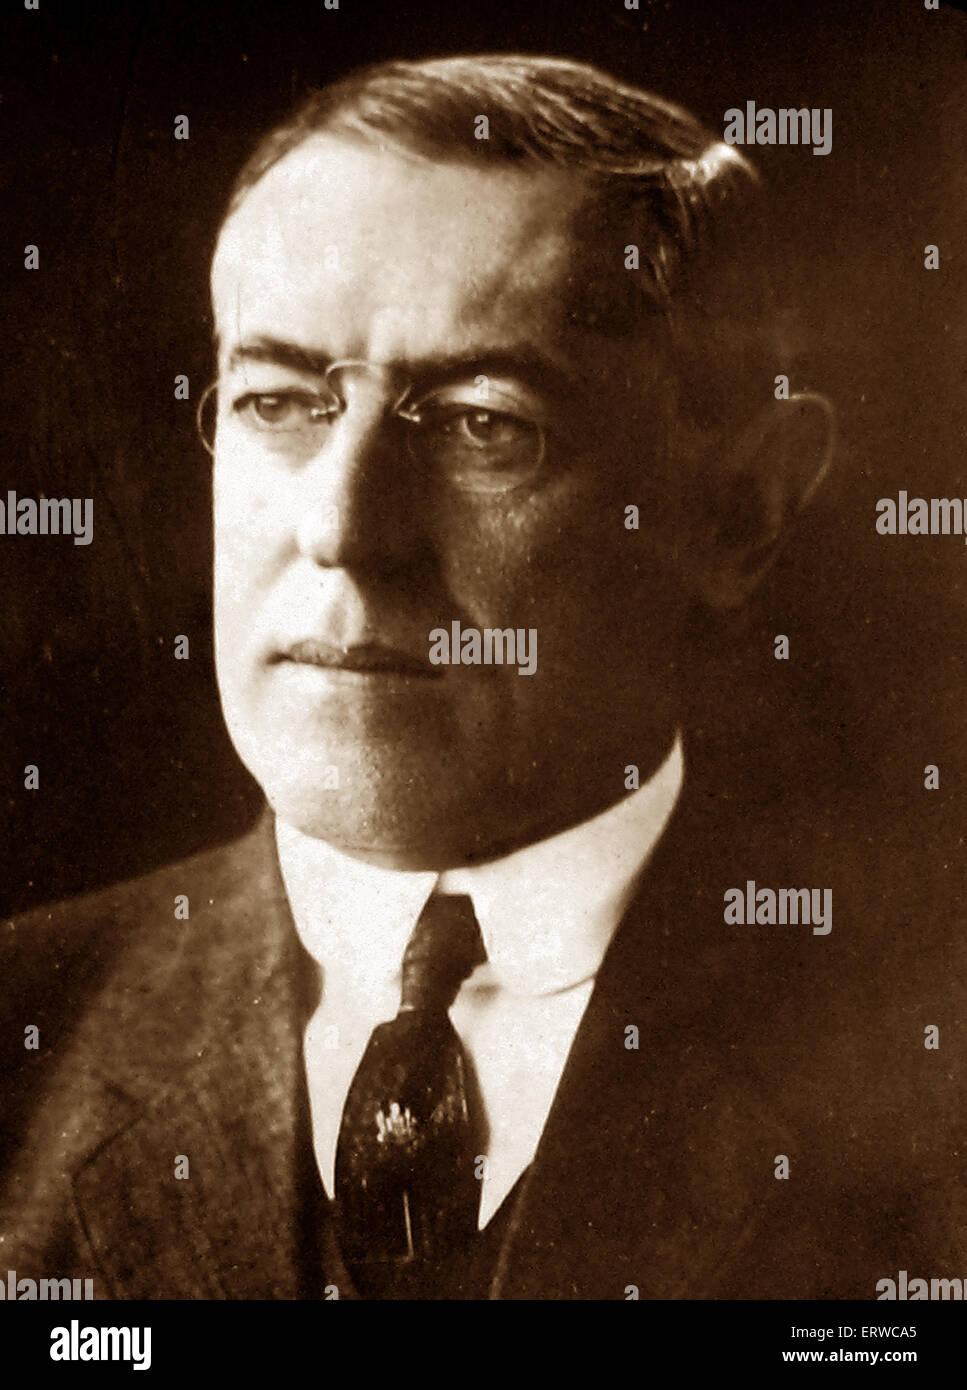 President Wilson - Stock Image